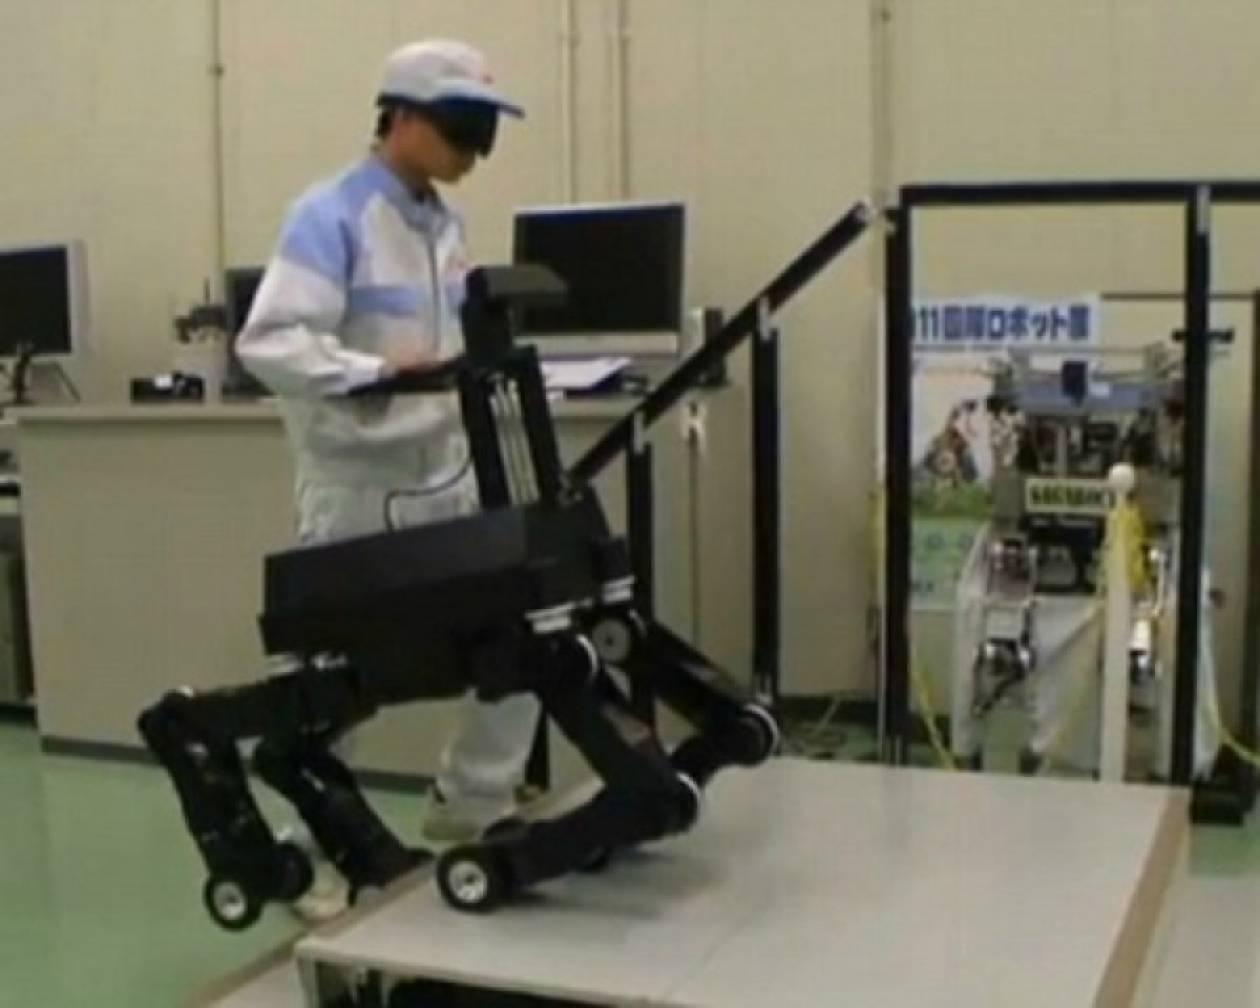 Σκύλος–ρομπότ θα καθοδηγεί τυφλούς